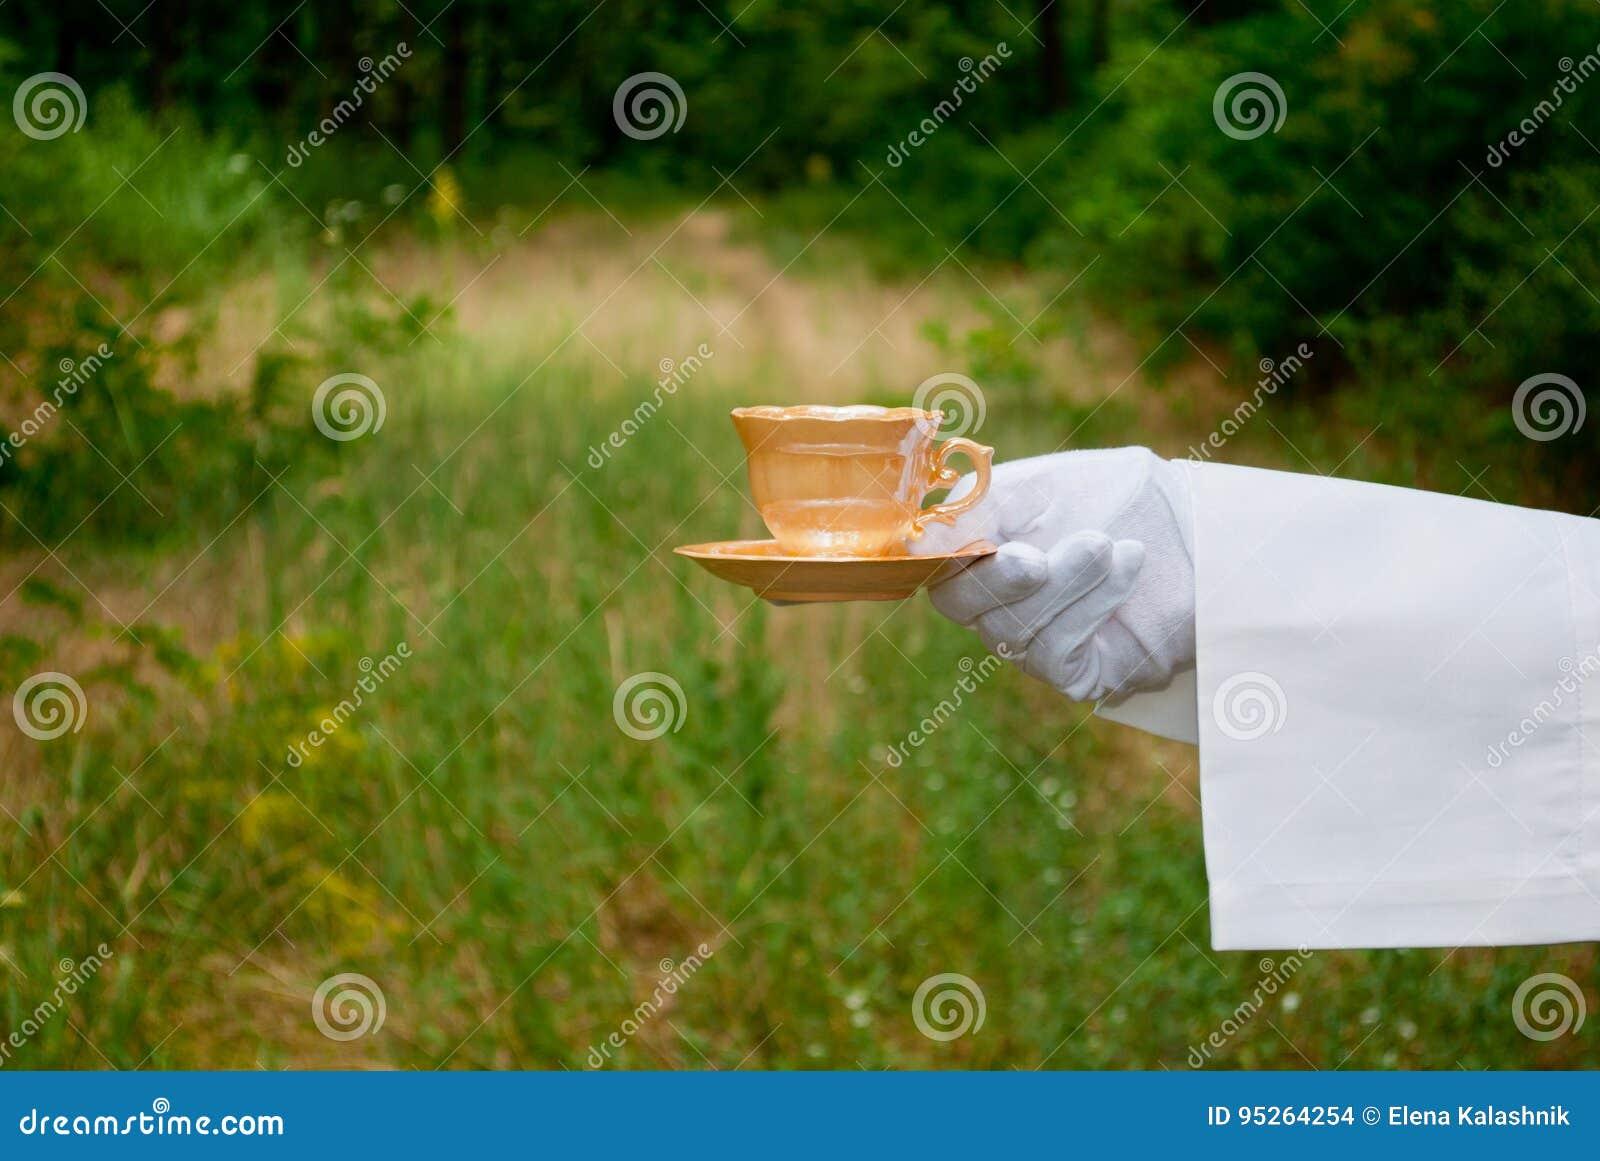 Рука ` s кельнера в белой перчатке держит бежевую чашку и поддонник на открытом воздухе